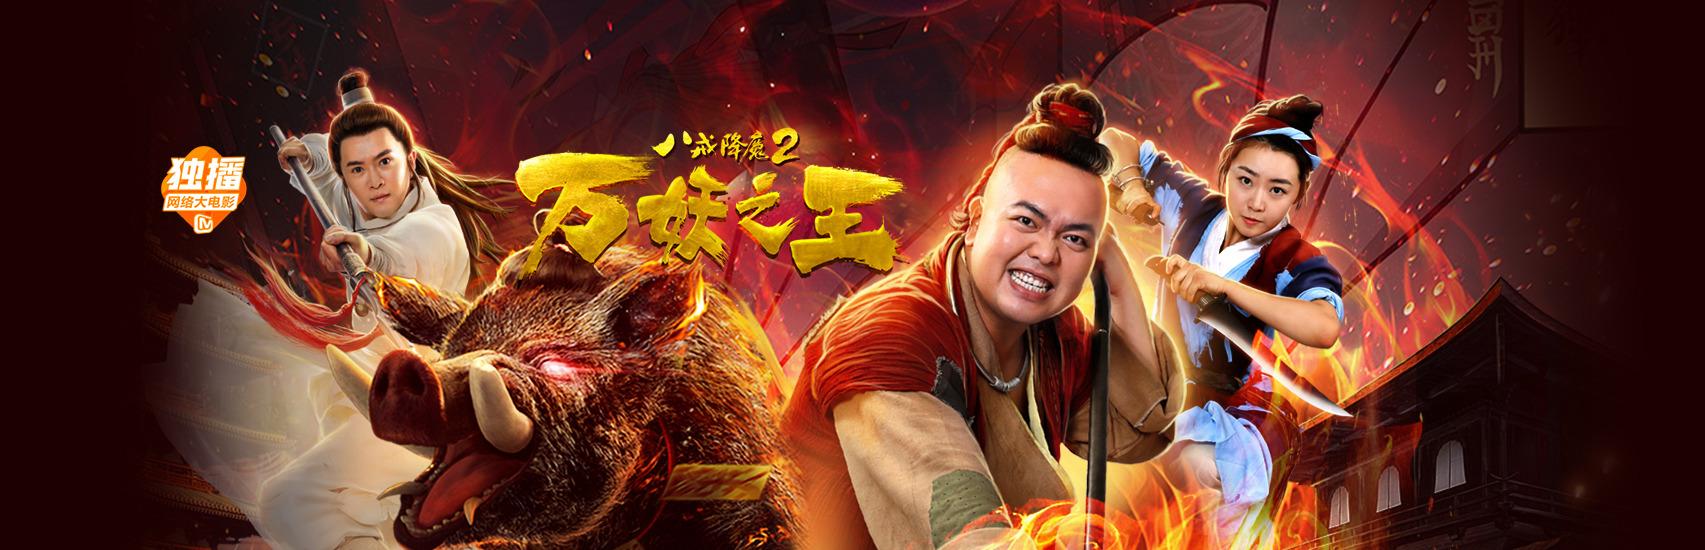 齐天大圣万妖之城 HD1024高清国语中字版